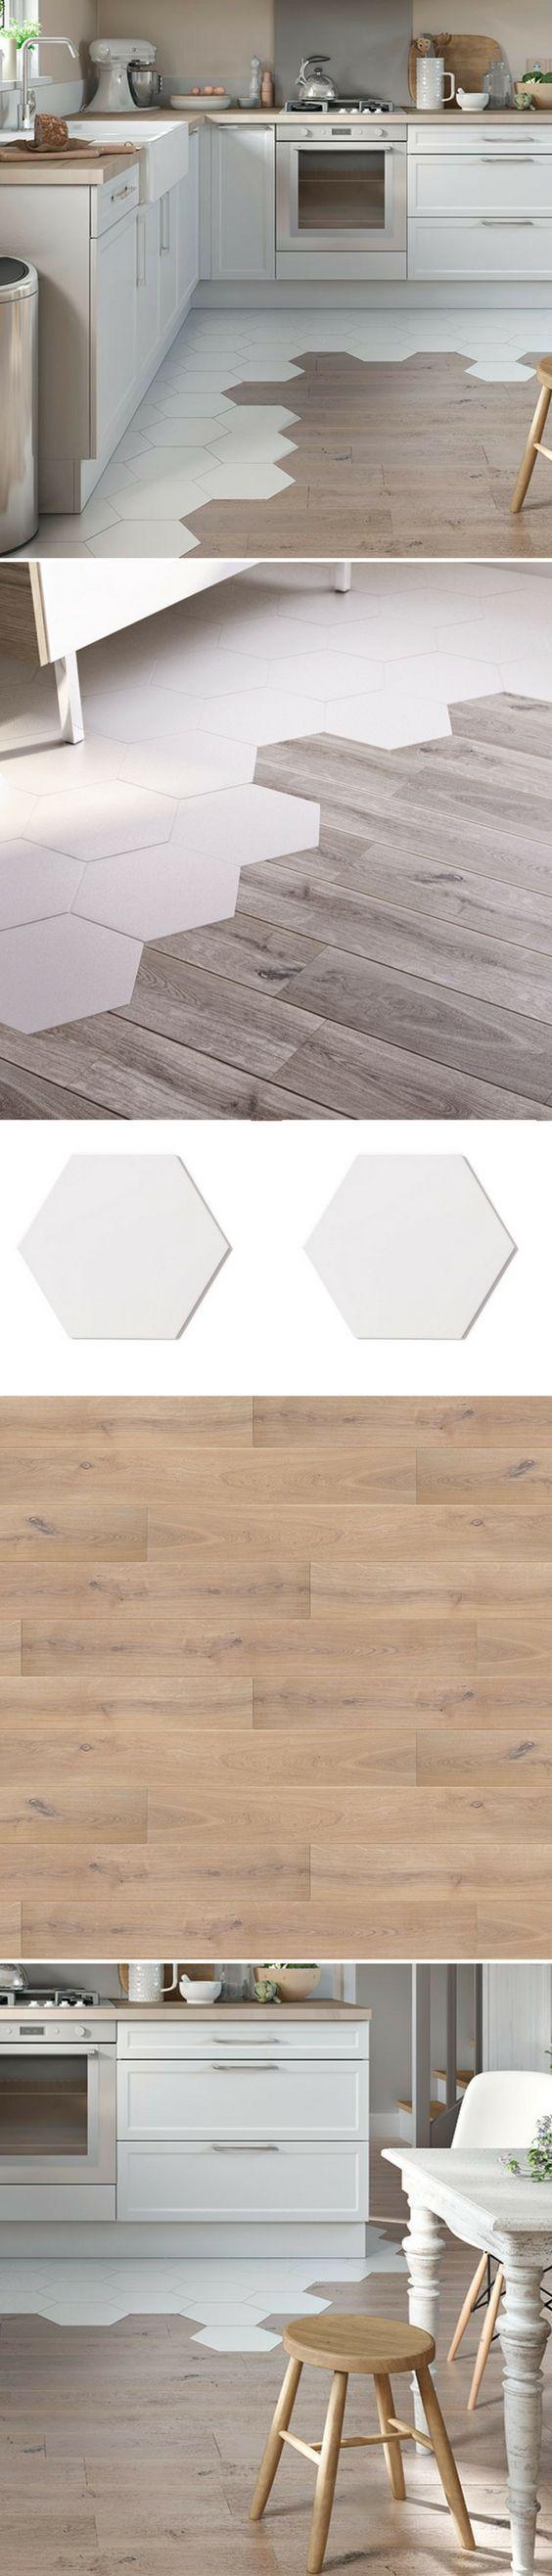 Trend zu Küchenböden: Die Mischung aus Parkett / Fliesen – #aus #backsplash #d… #WoodWorking